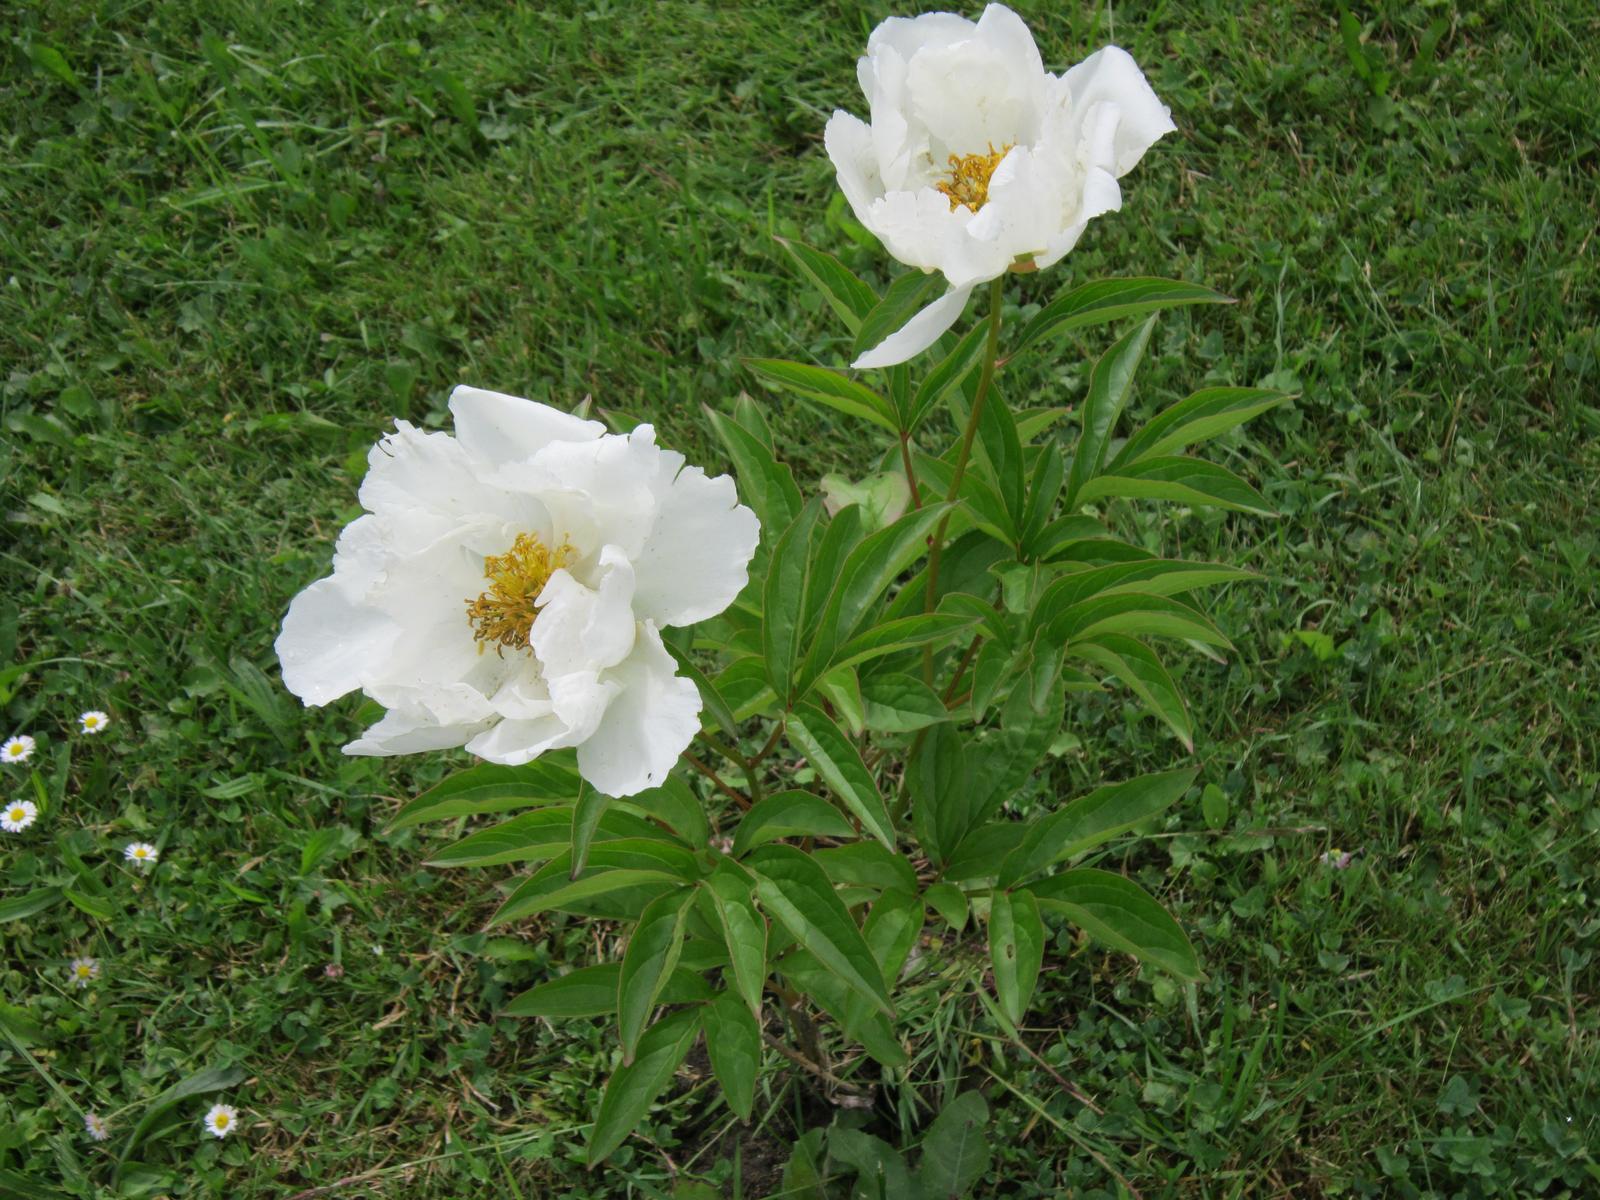 Moja záhrada...ako šiel čas - Pivonky mi ešte stále kvitnú...